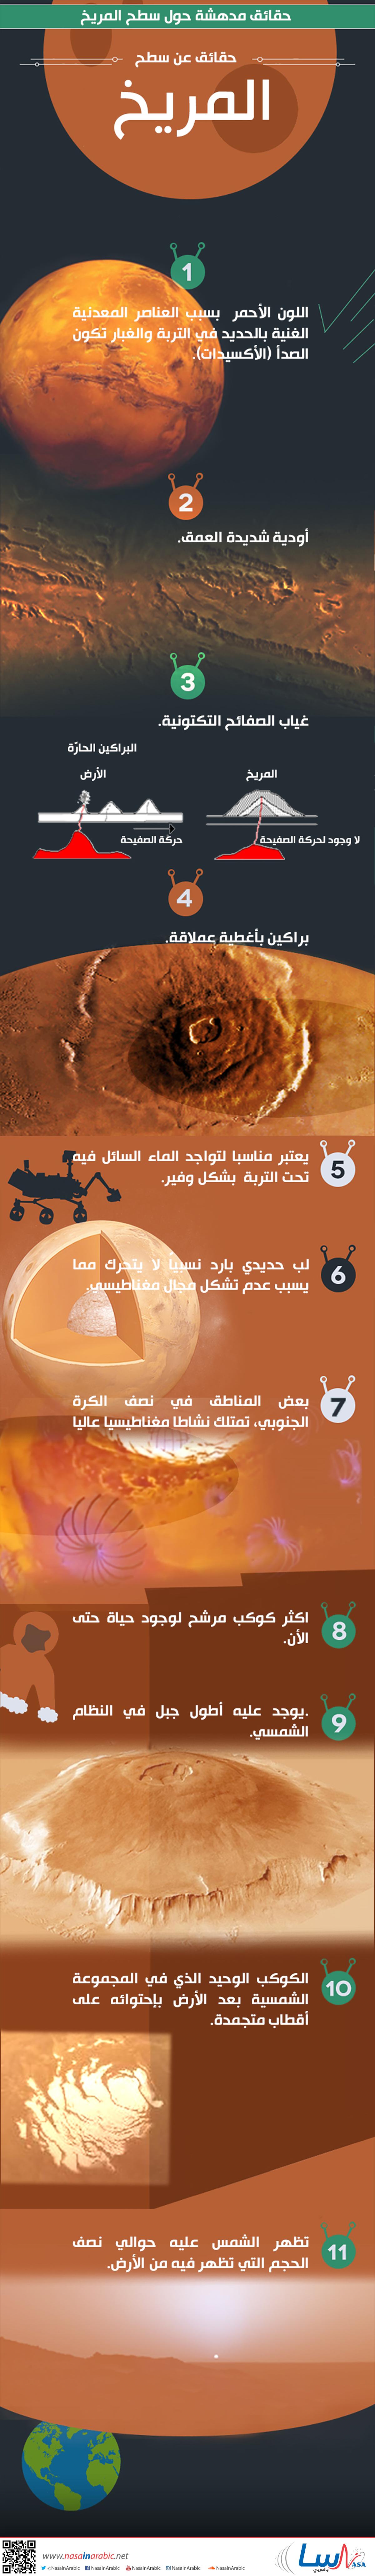 حقائق مدهشة حول سطح المريخ